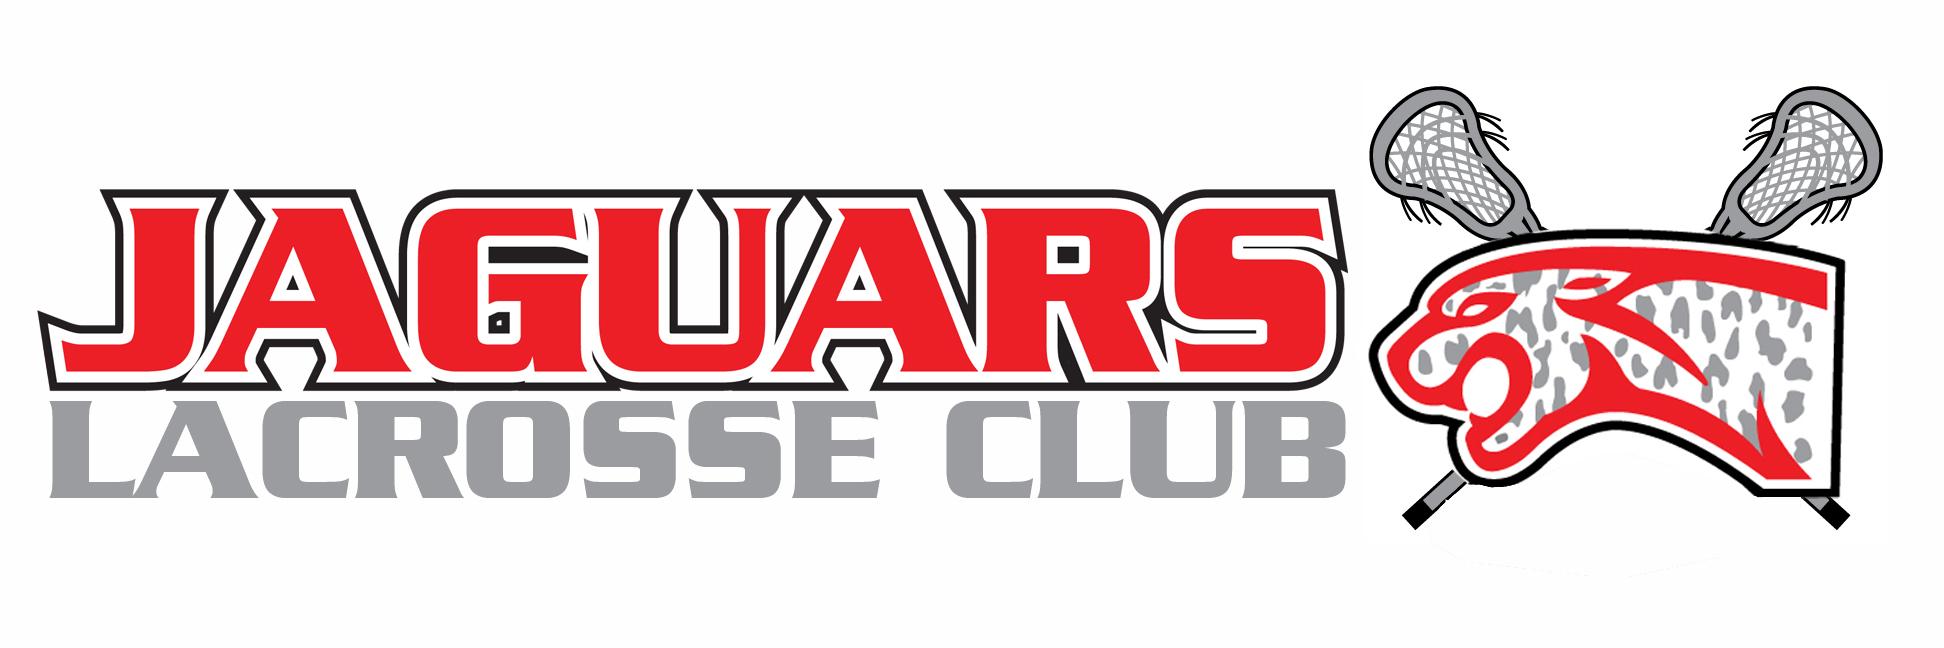 Jags Lacrosse Club, Lacrosse, Goal, Field